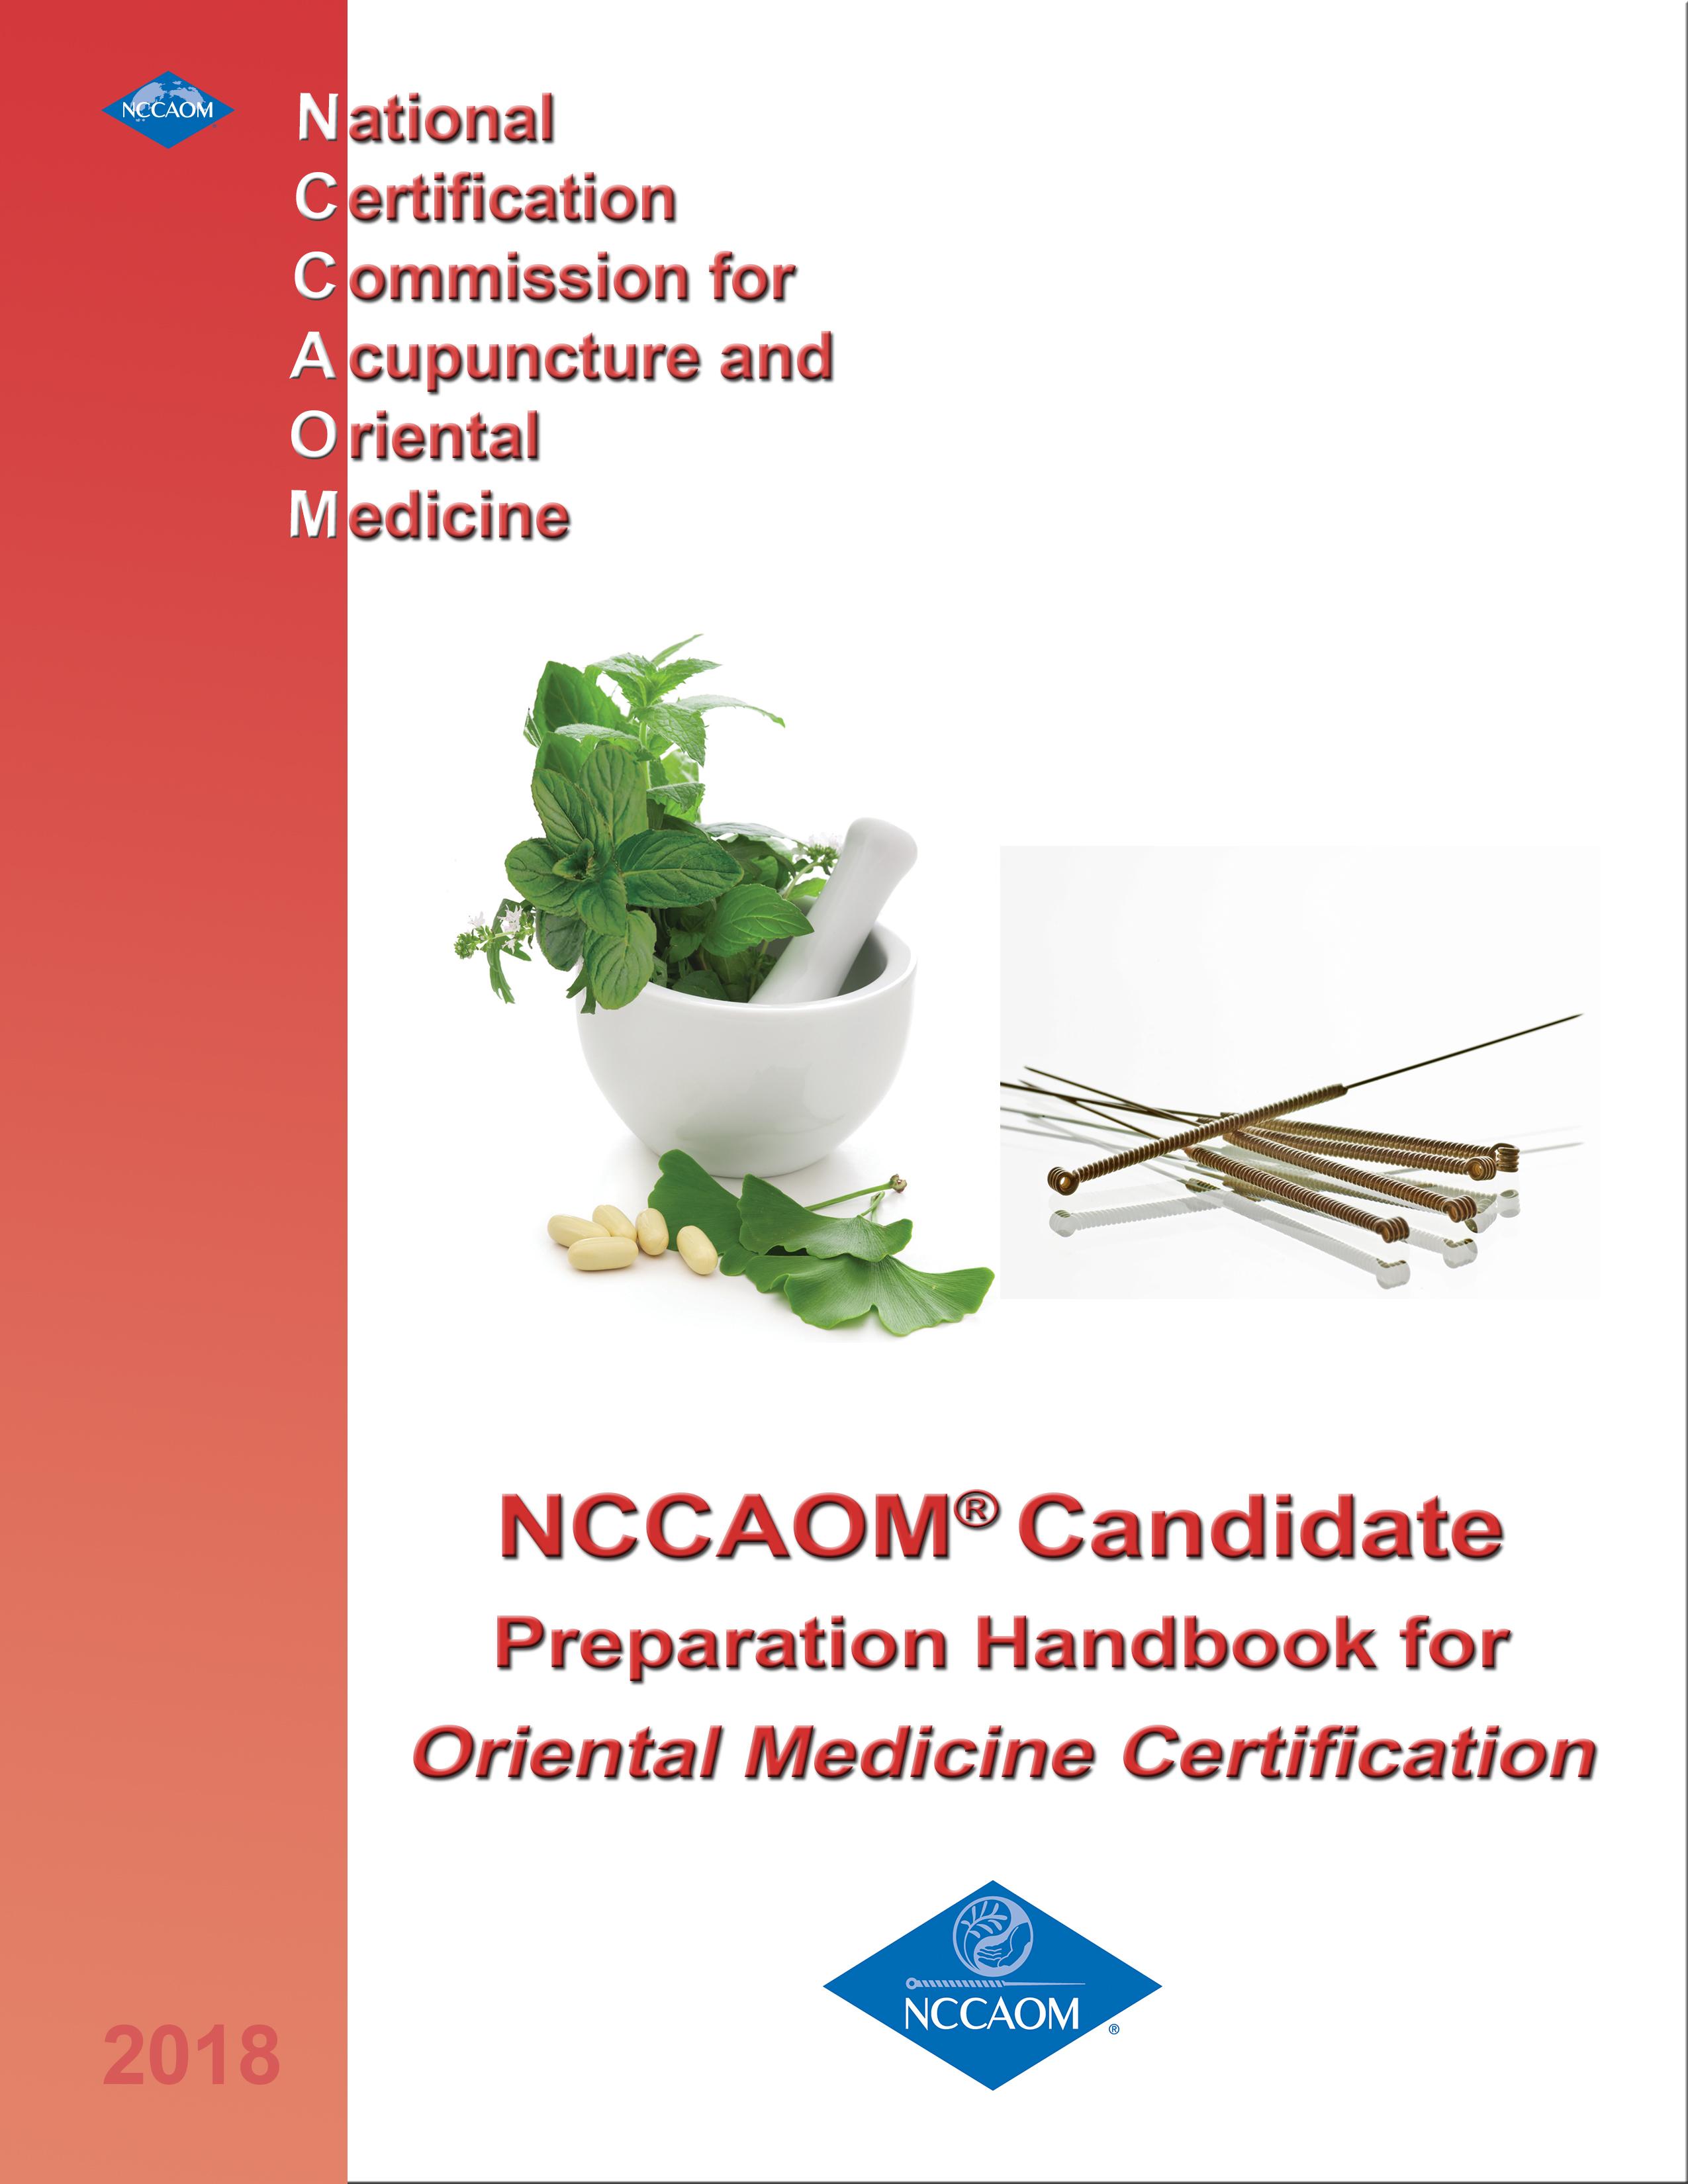 NCCAOM Study Guides | NCCAOM